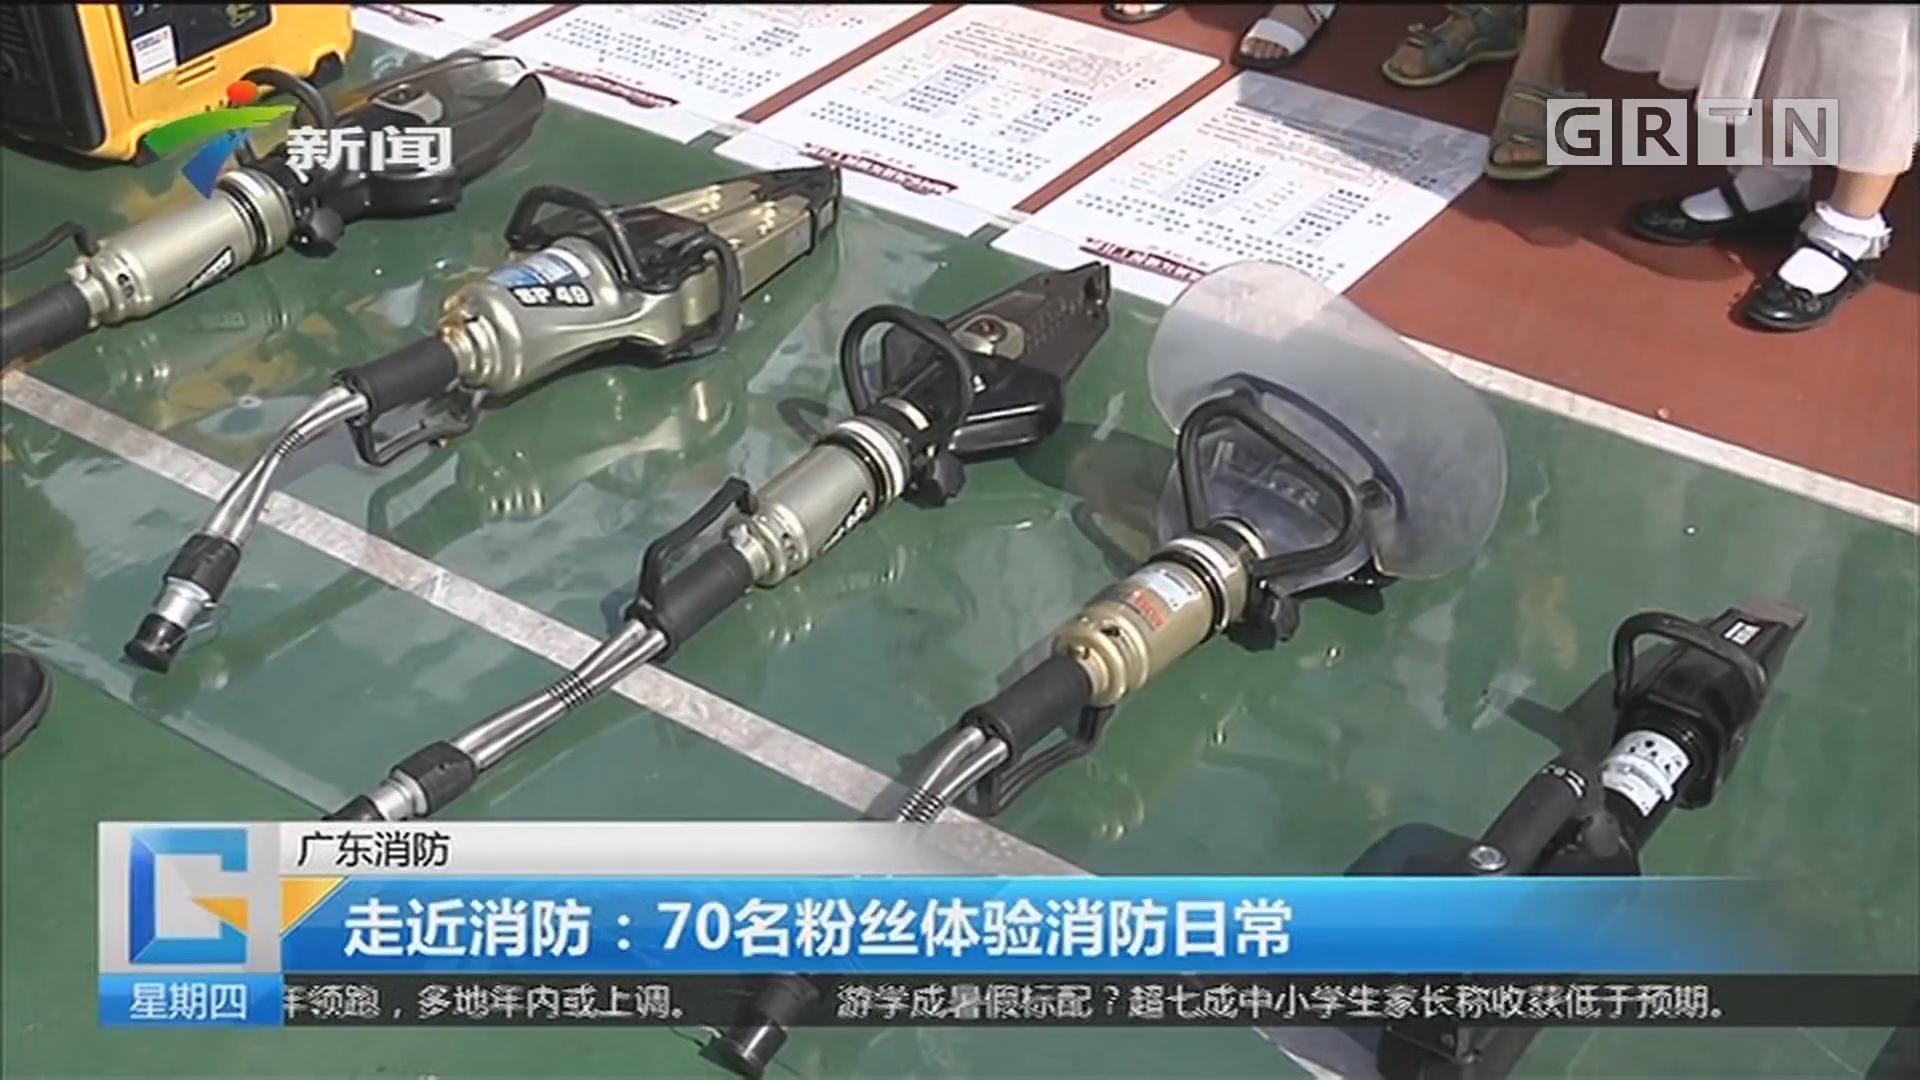 广东消防 走近消防:70名粉丝体验消防日常